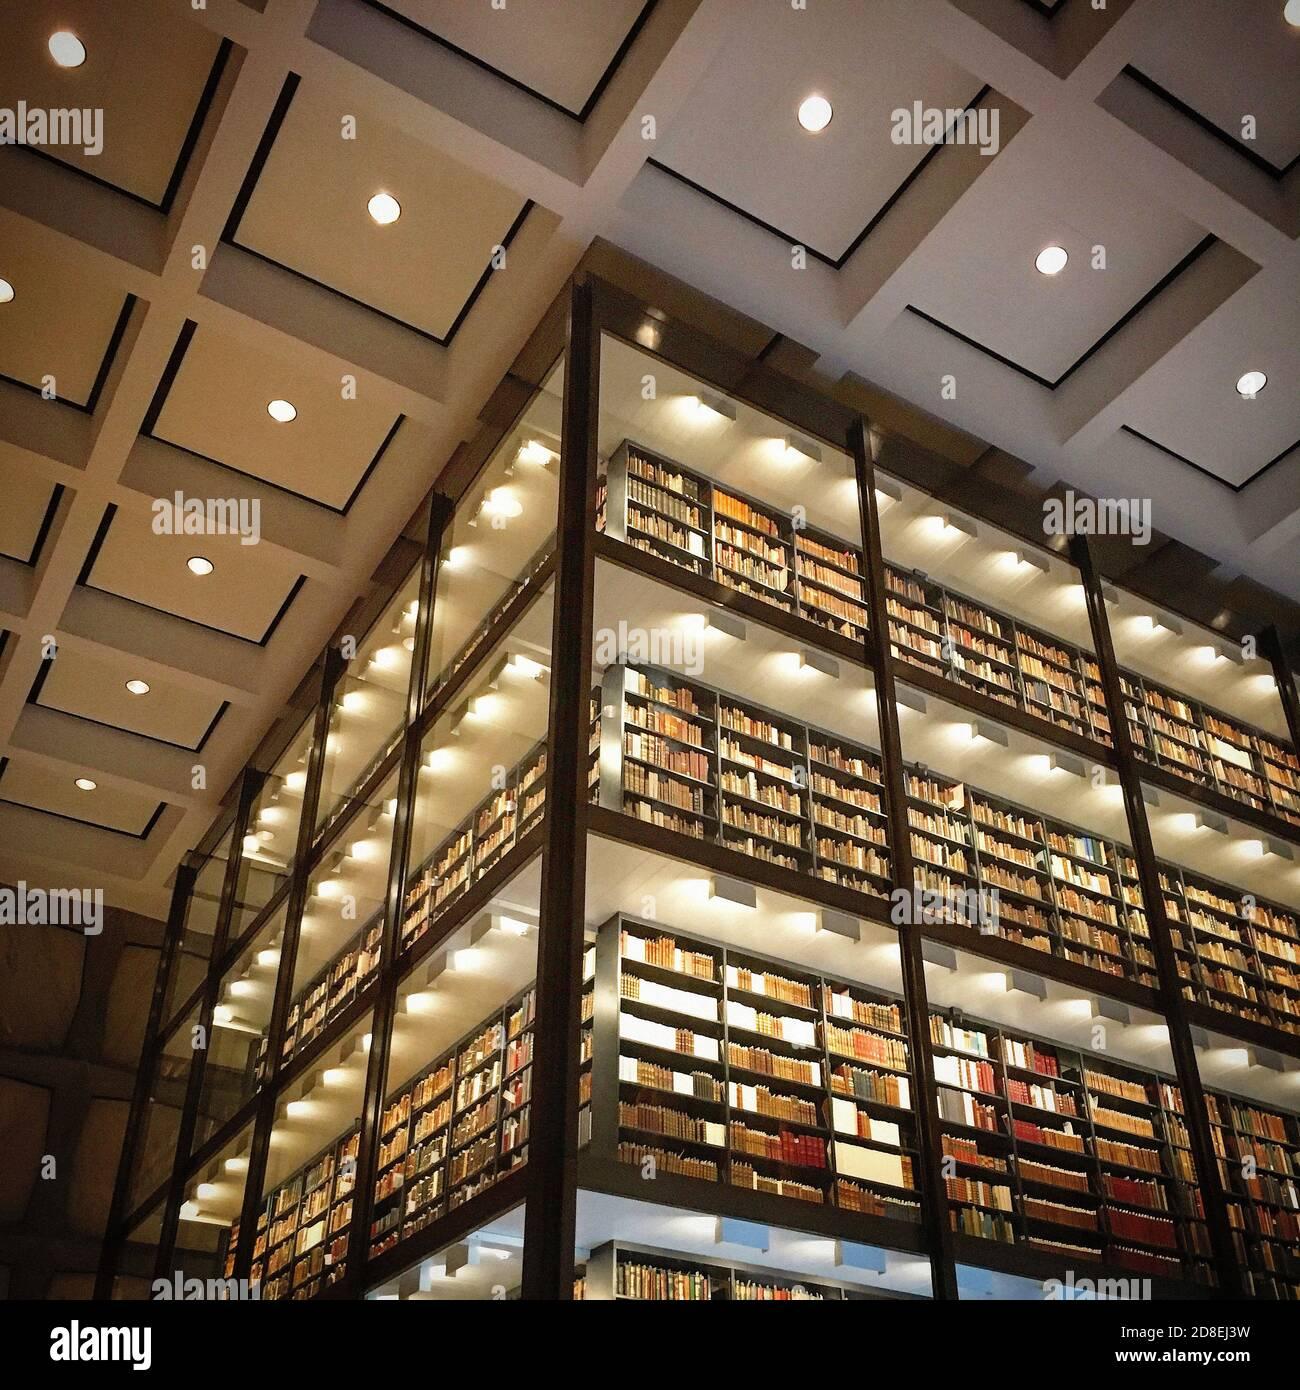 Beinecke rare Book & Manuscript Library, Interior View, Yale University, New Haven, Connecticut, États-Unis Banque D'Images